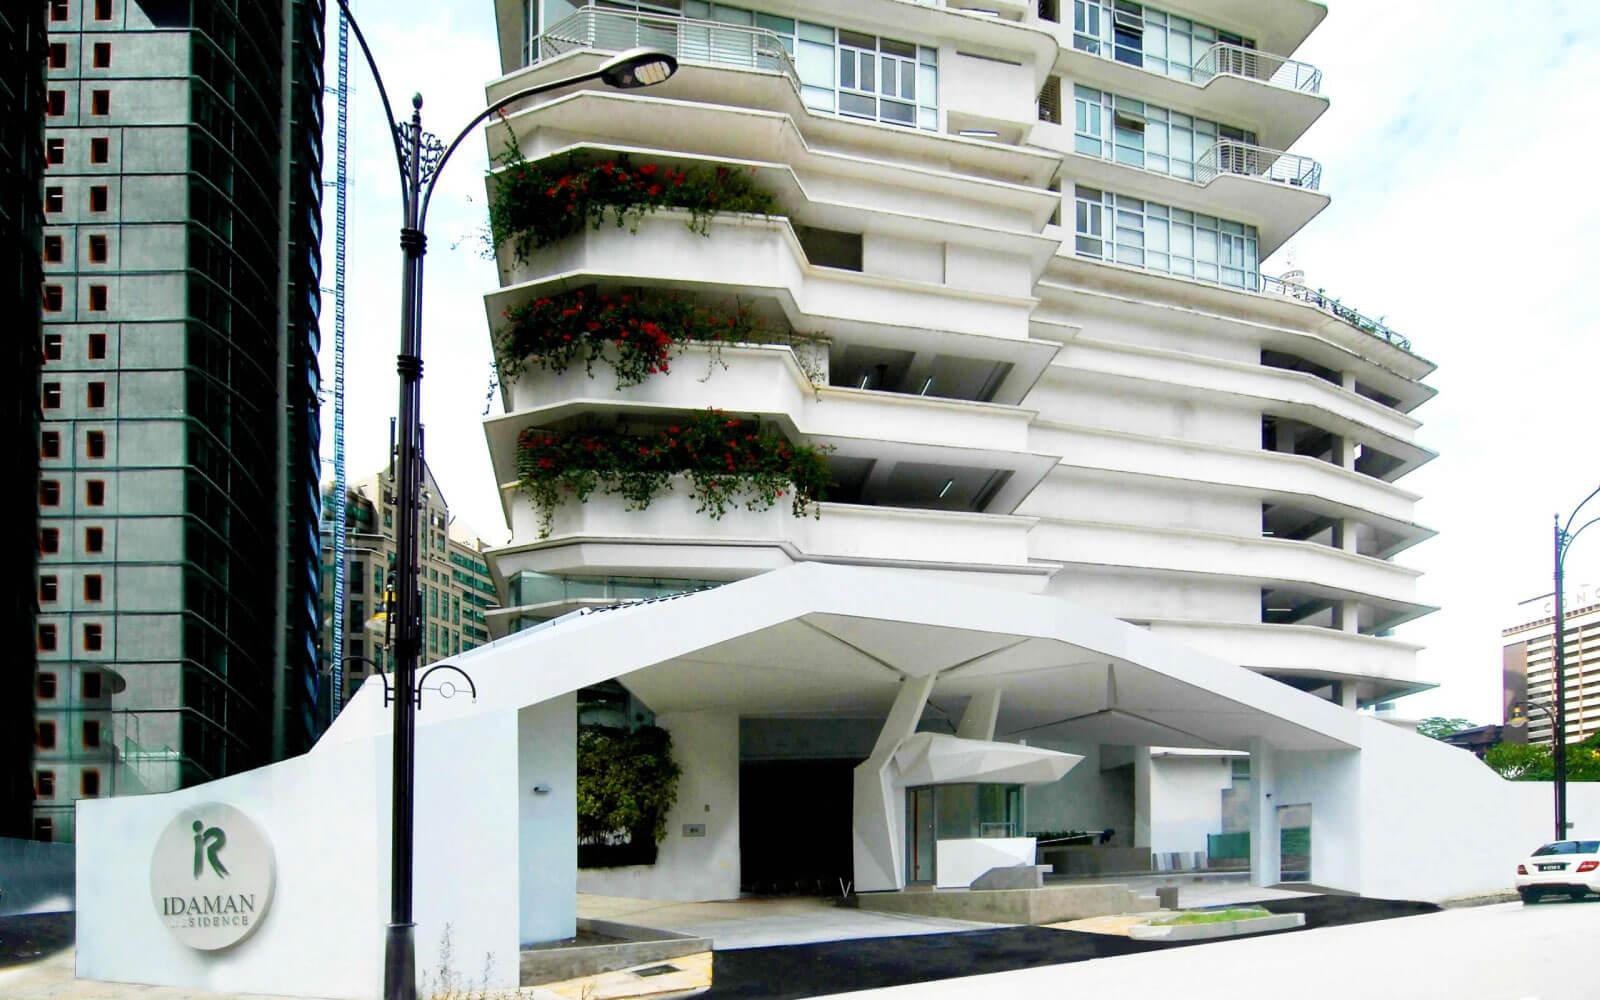 ecological architect design for Idam residence canopyy